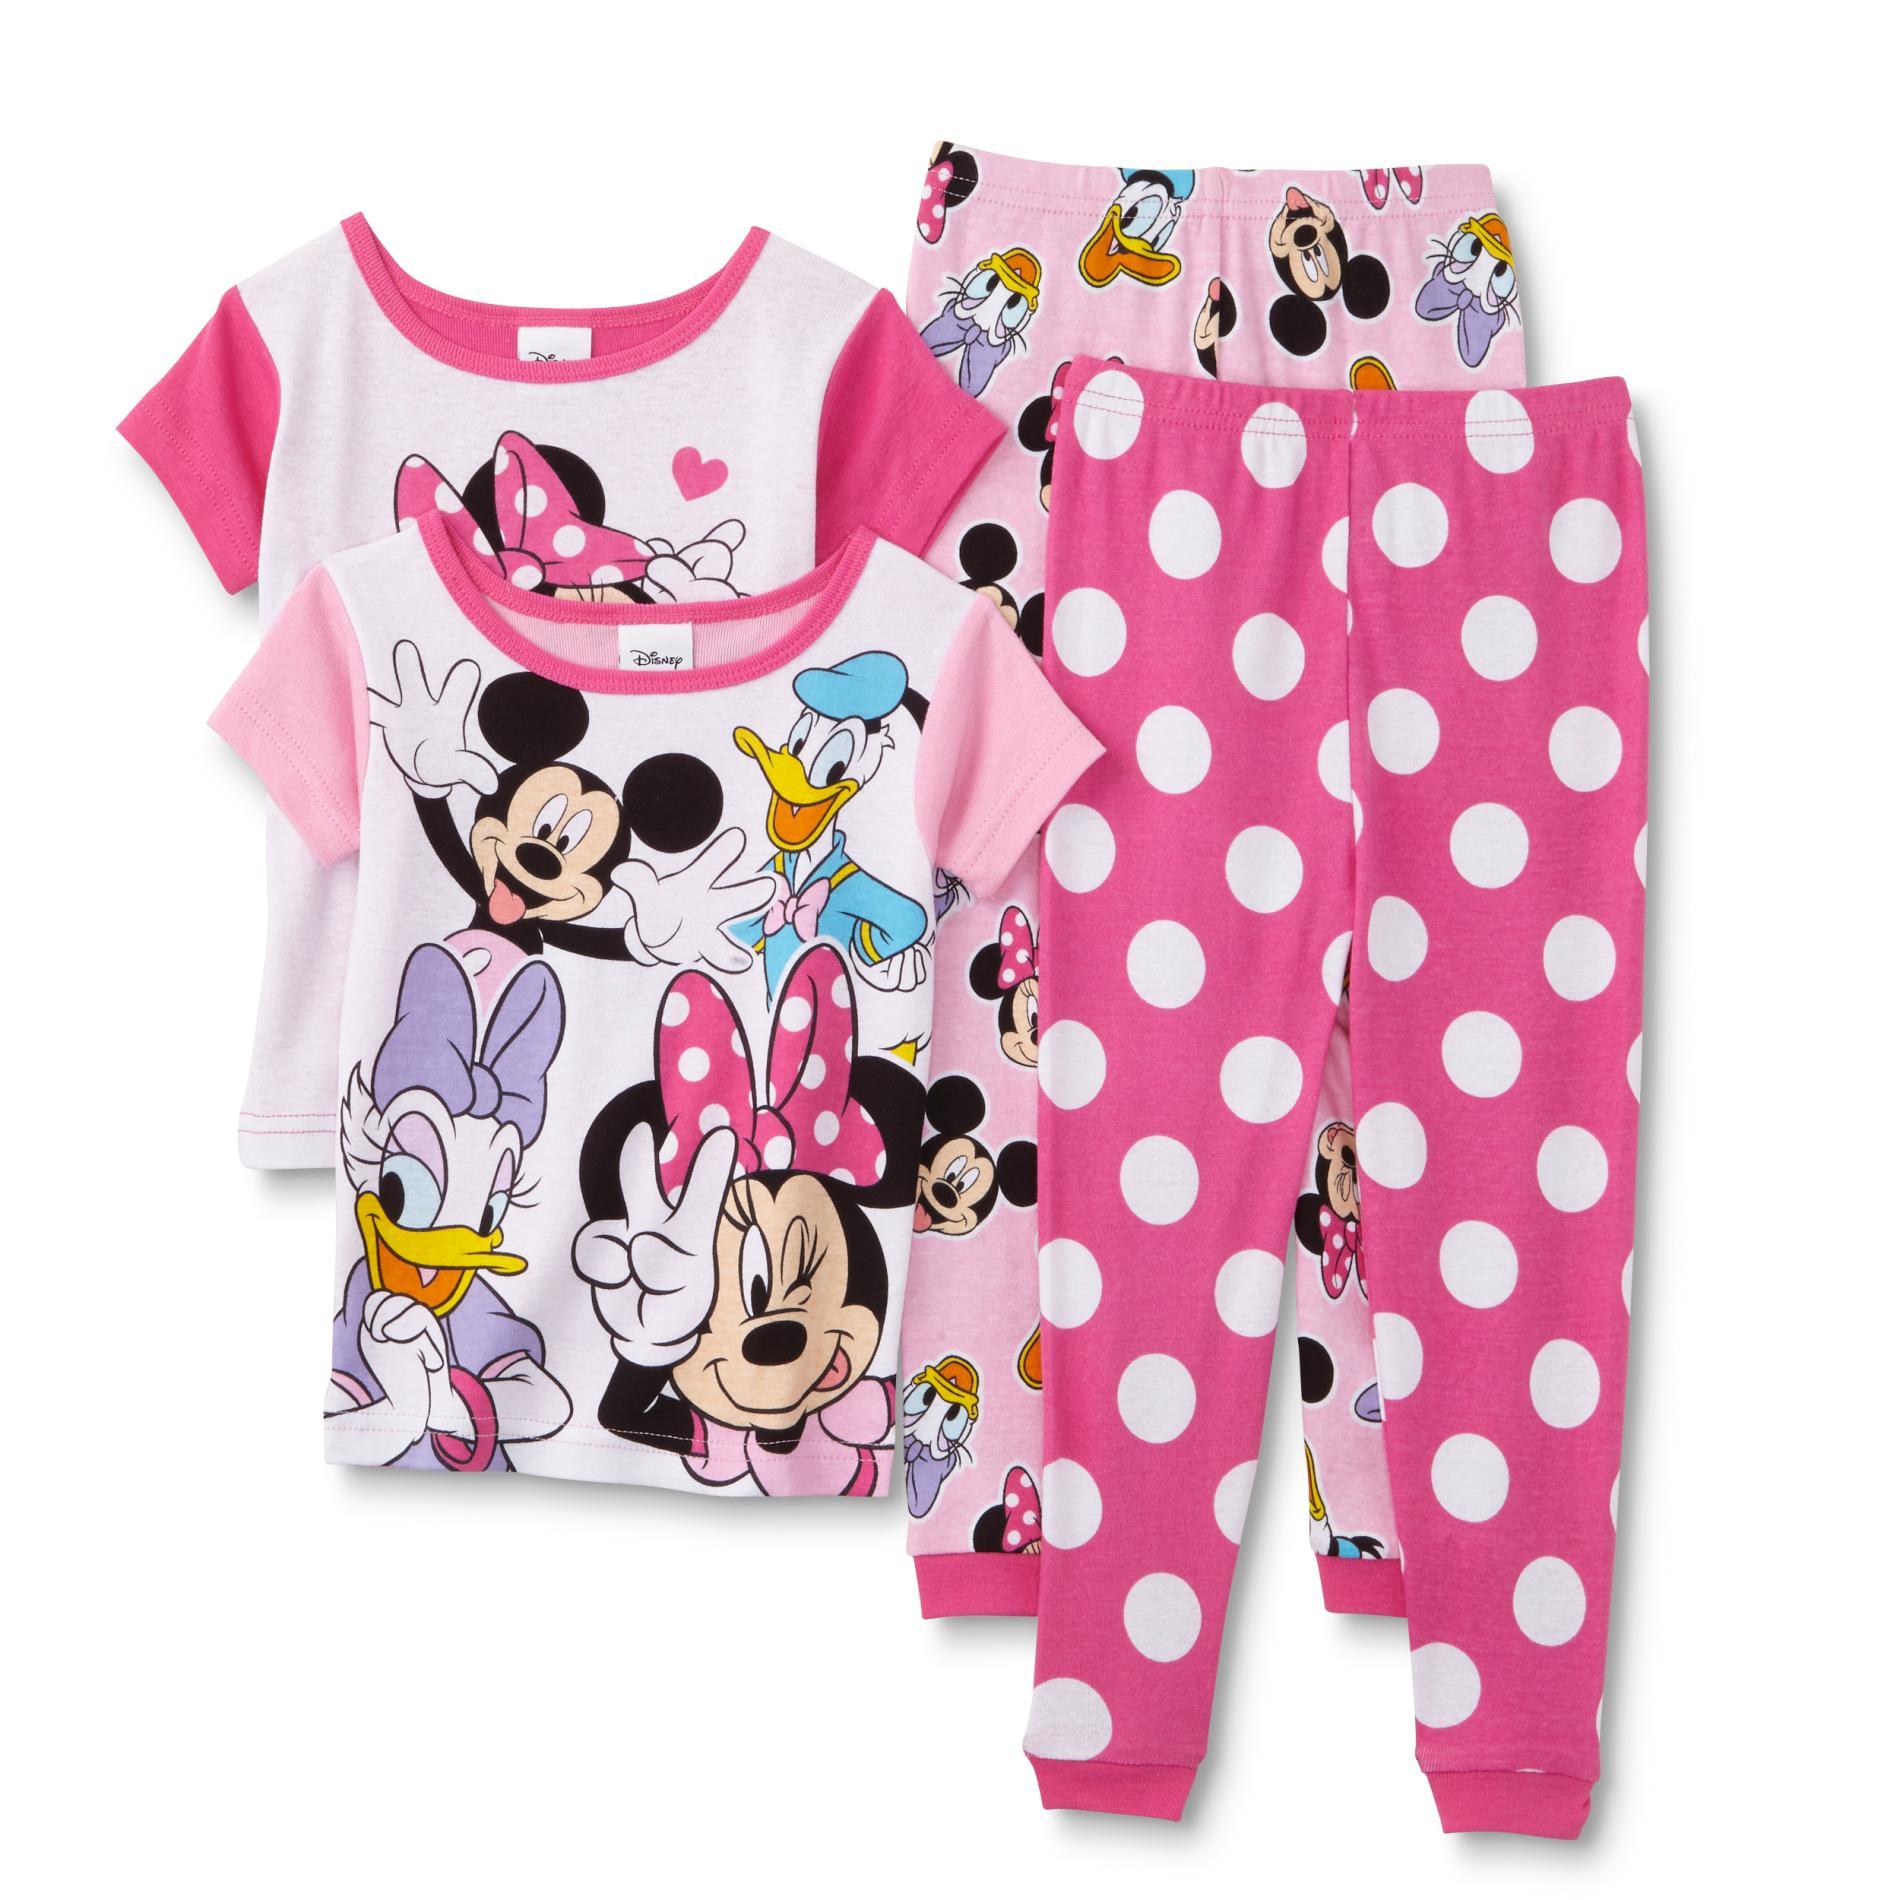 Toddler Girls' 2-Pairs Pajamas